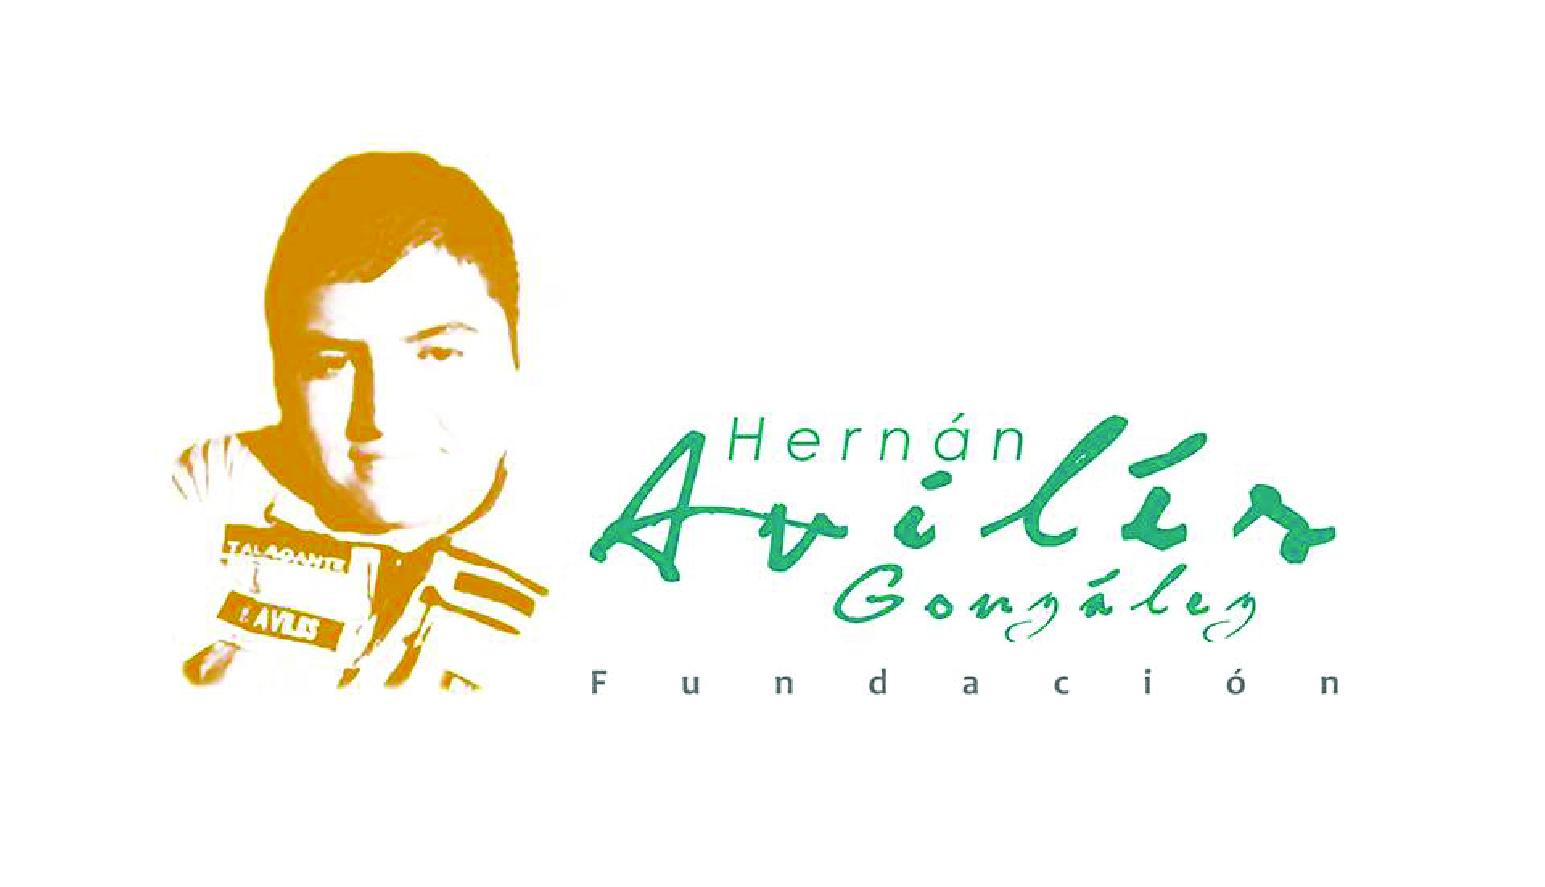 Fundación Hernán Avilés González